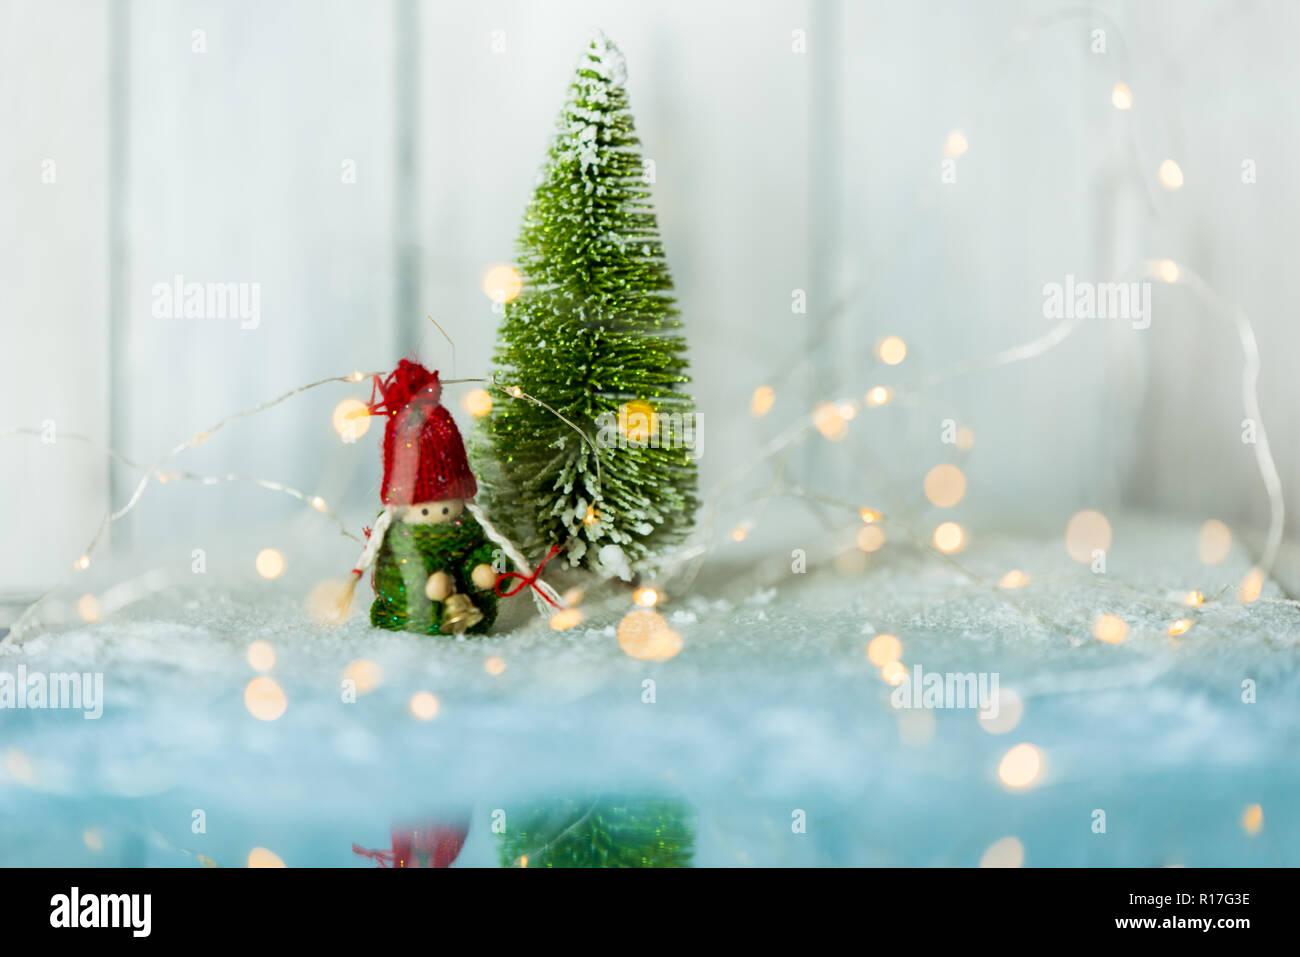 Schöne Weihnachten und Winter hellen Hintergrund mit einem ...